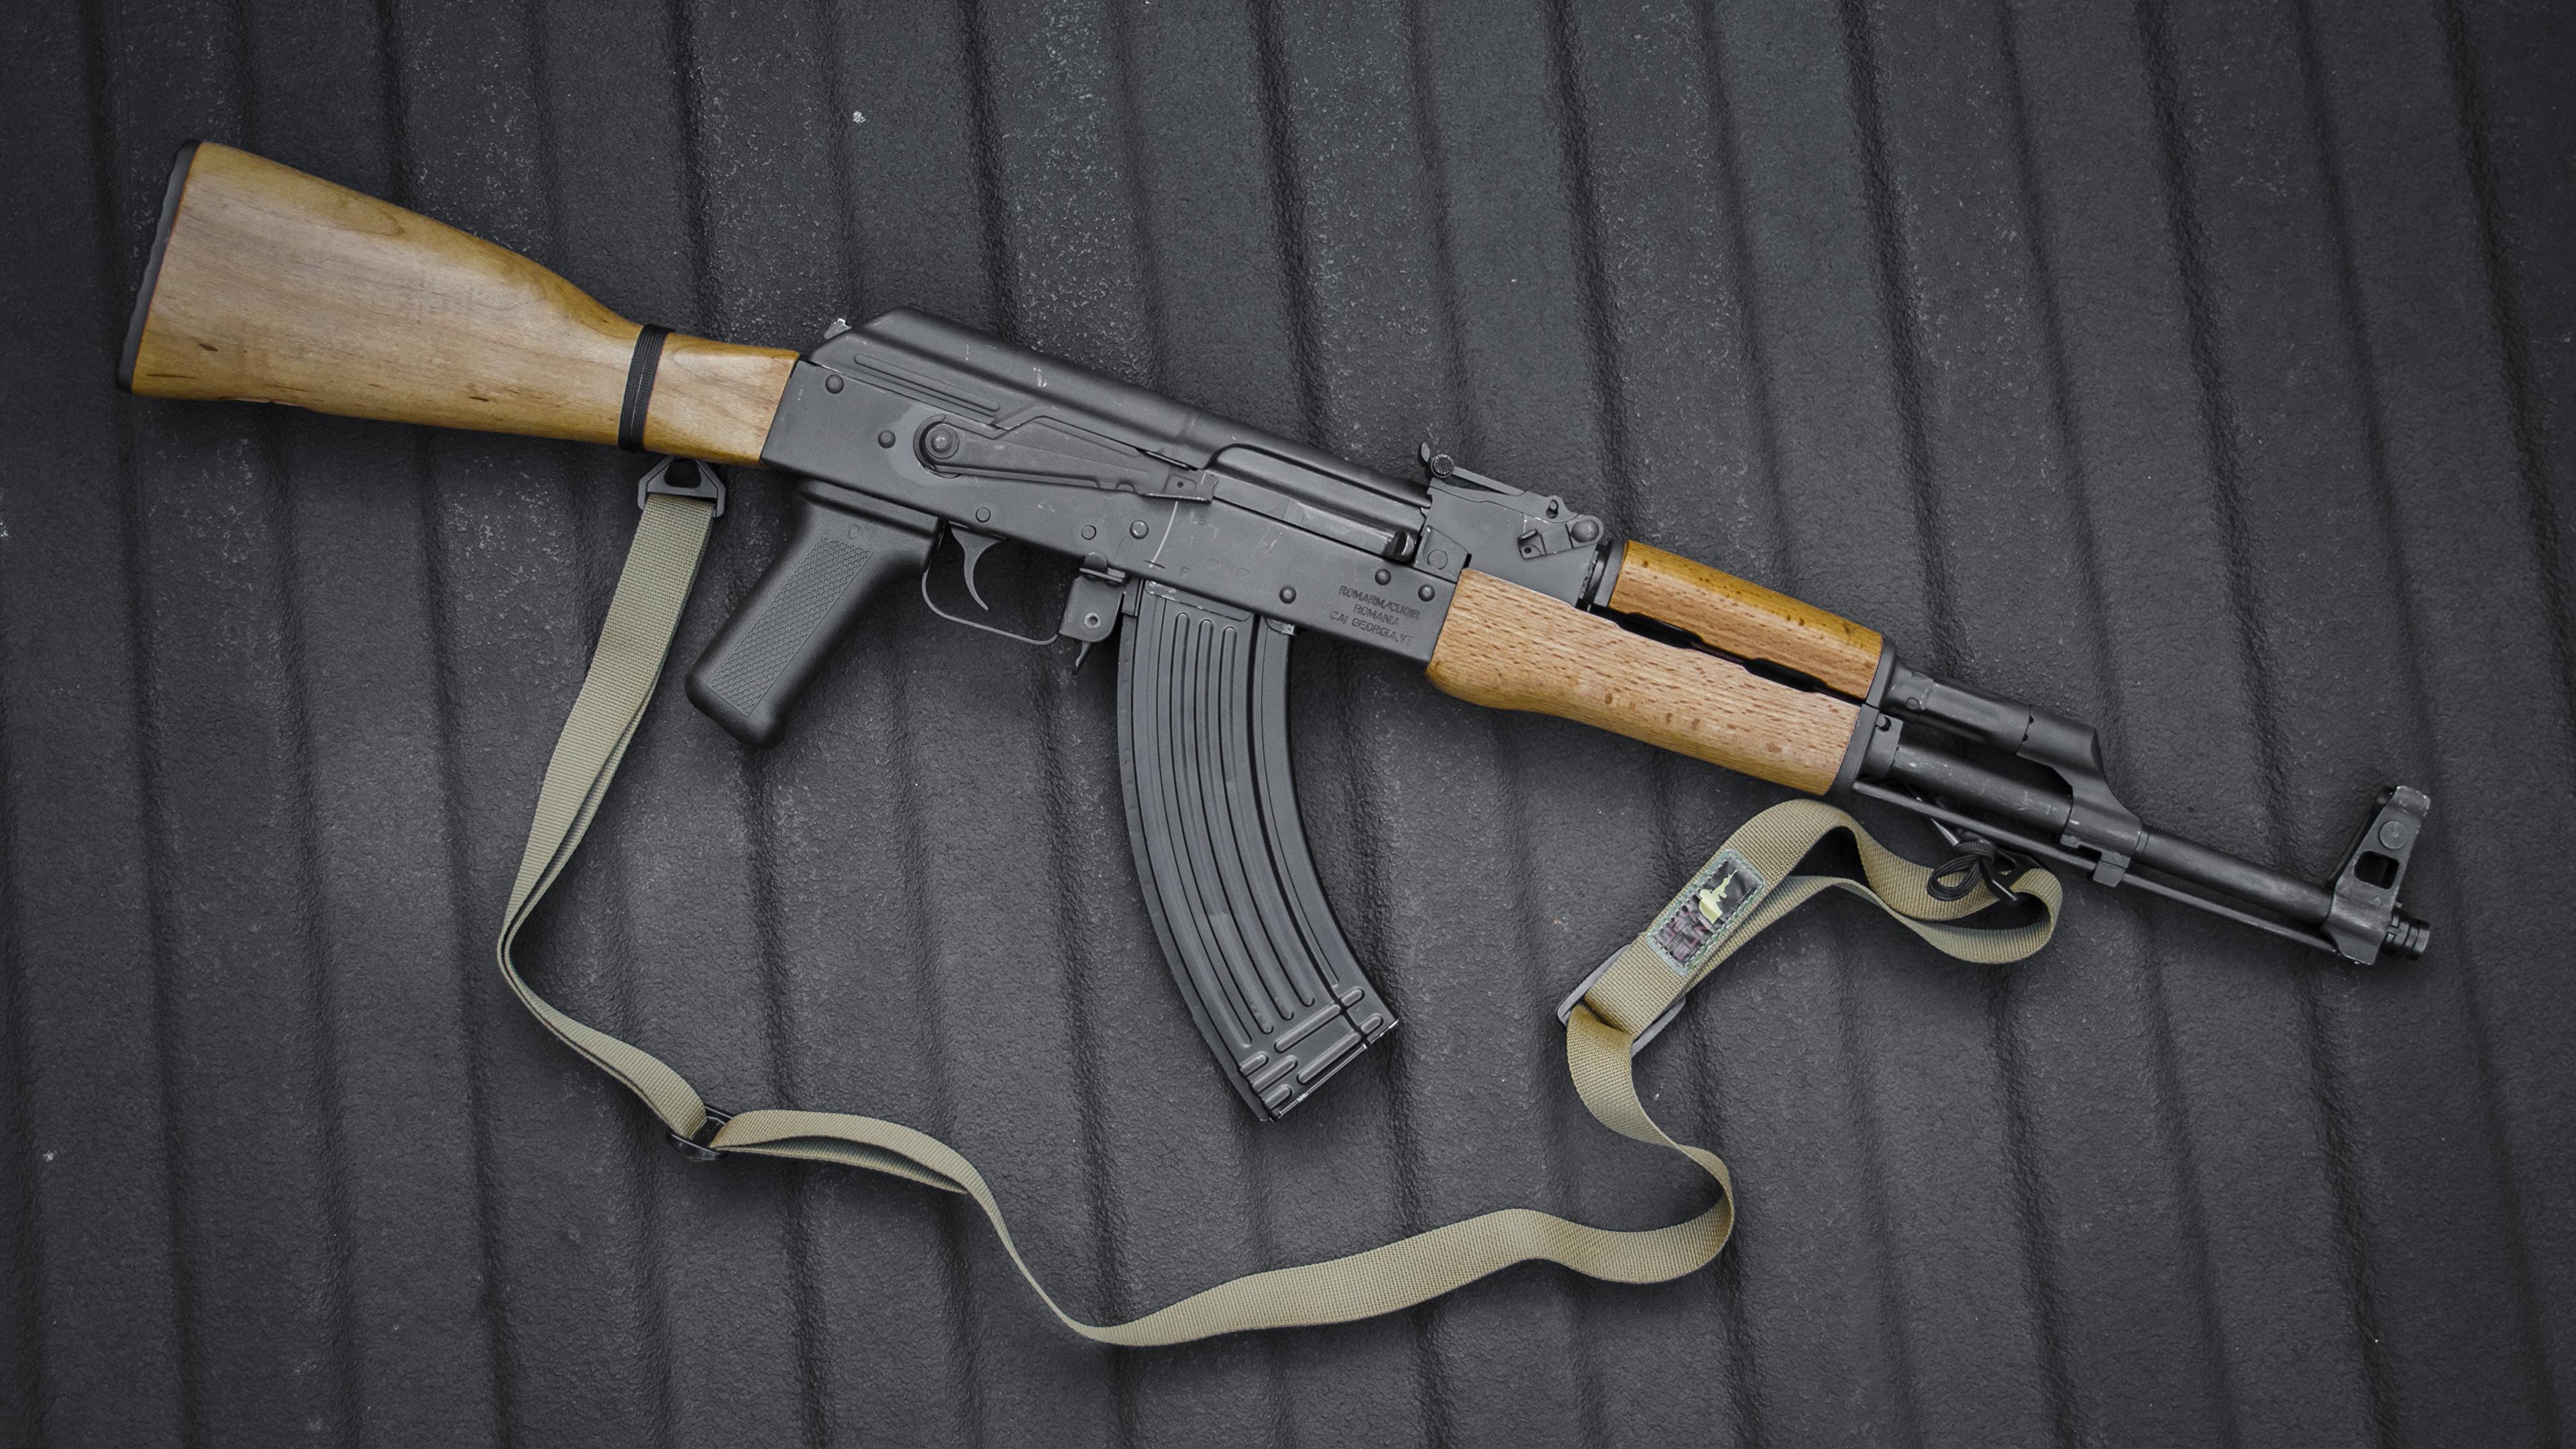 Fotos AK 47 Sturmgewehr russischer Heer 3840x2160 Kalaschnikow Russische russisches